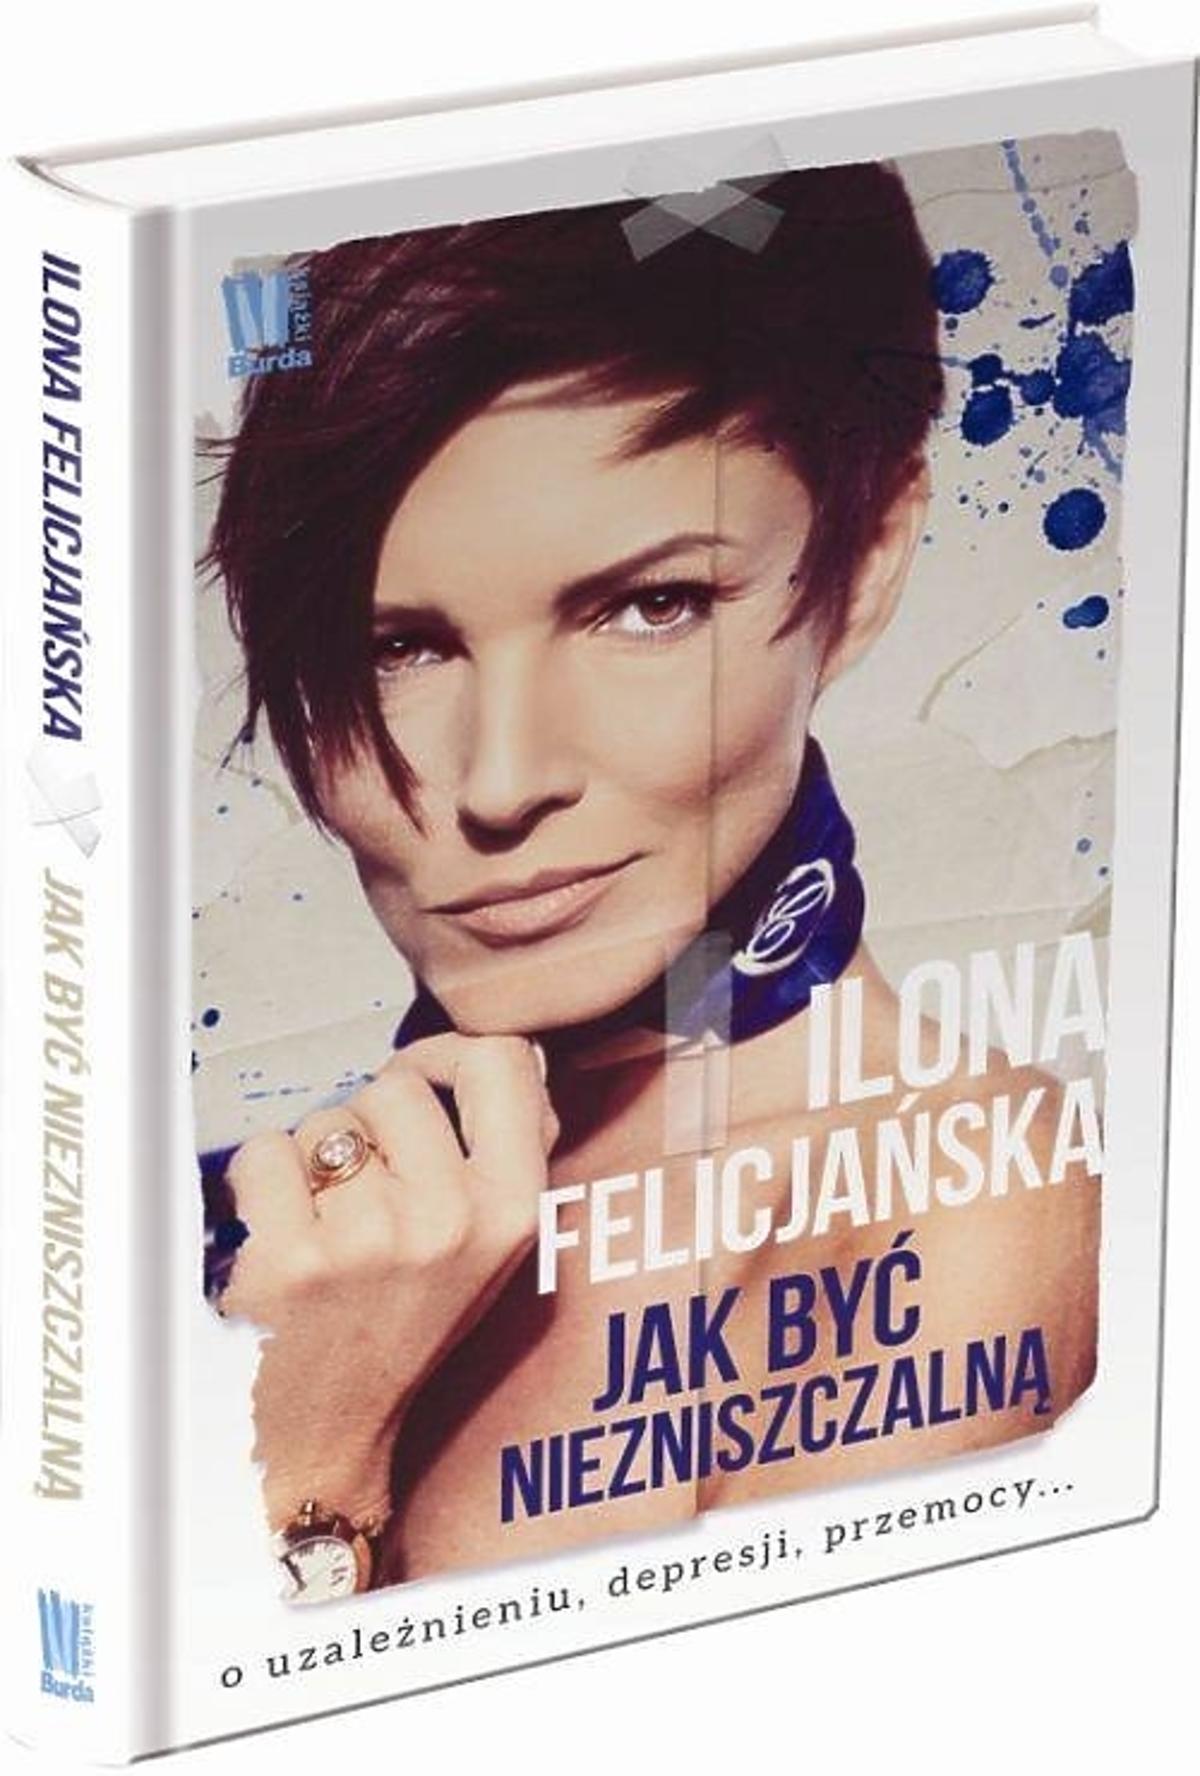 Nowa książka Ilony Felicjańskiej